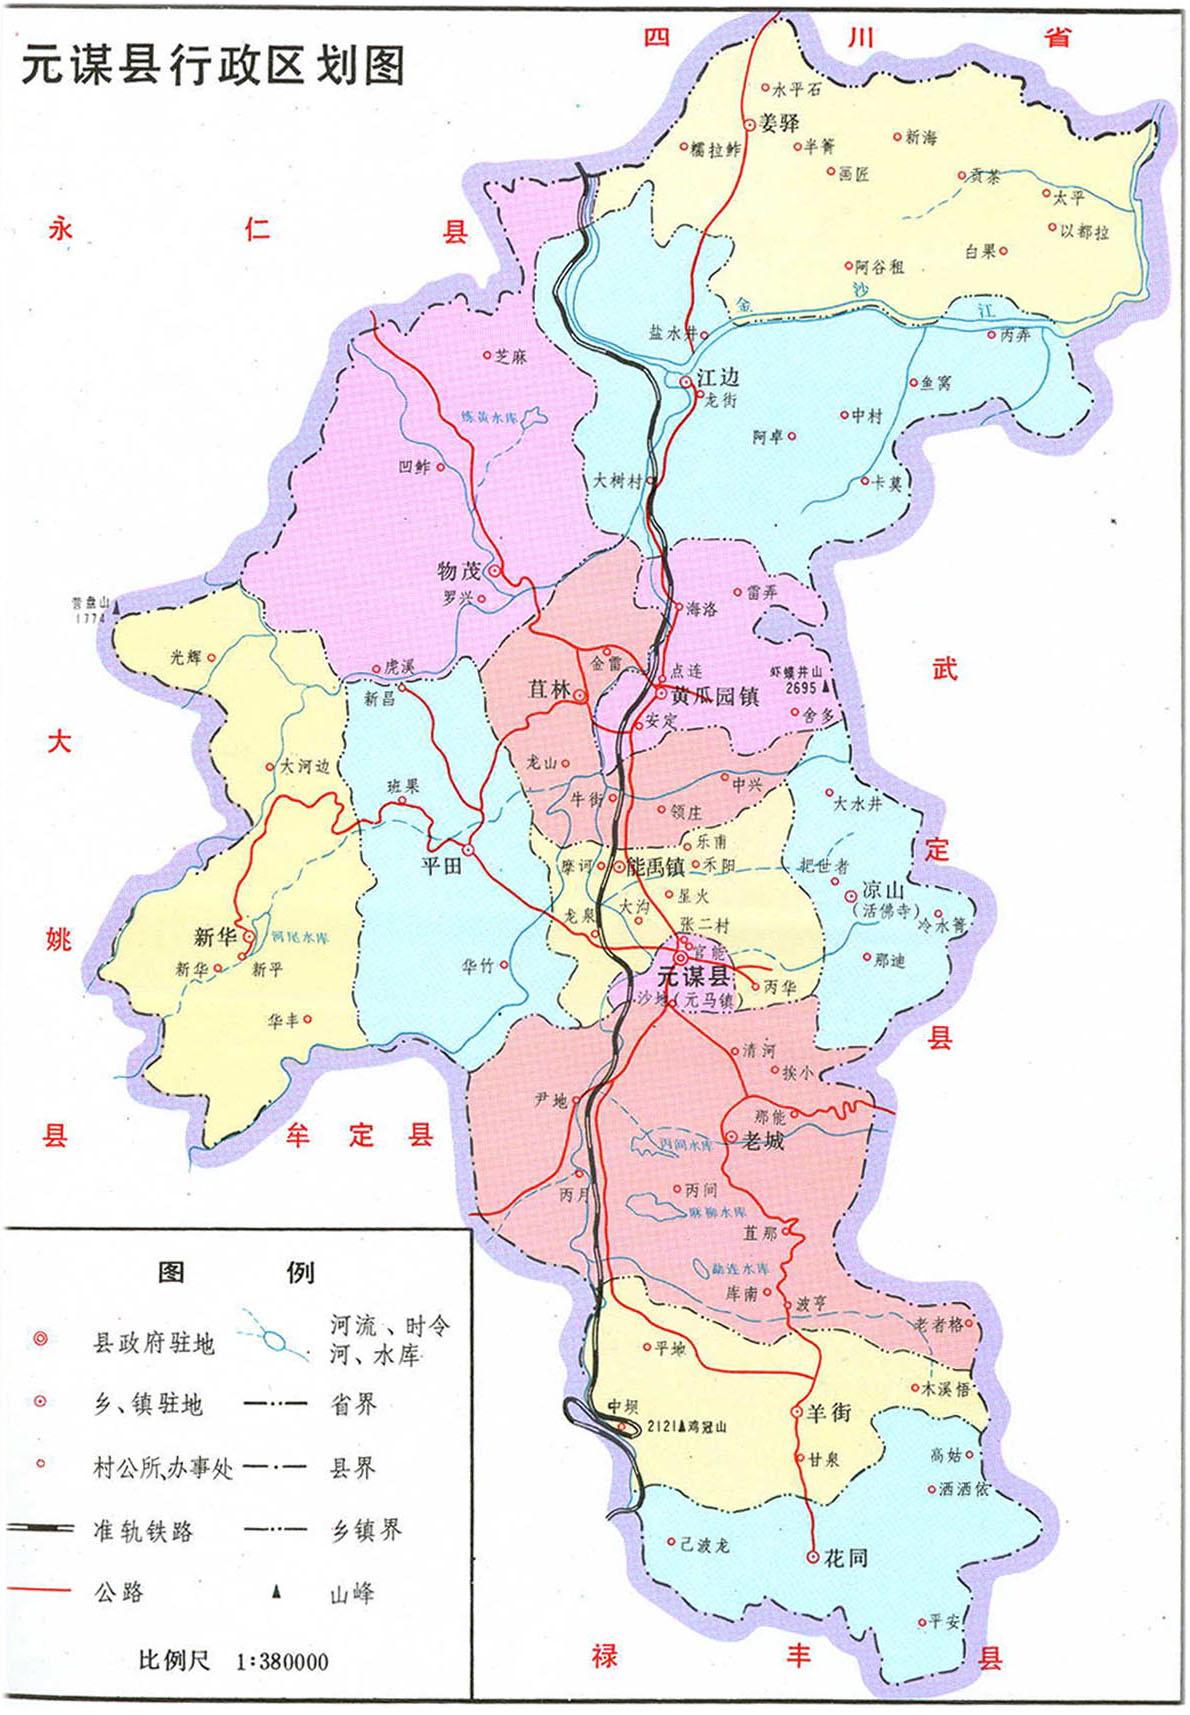 元谋县行政区划分